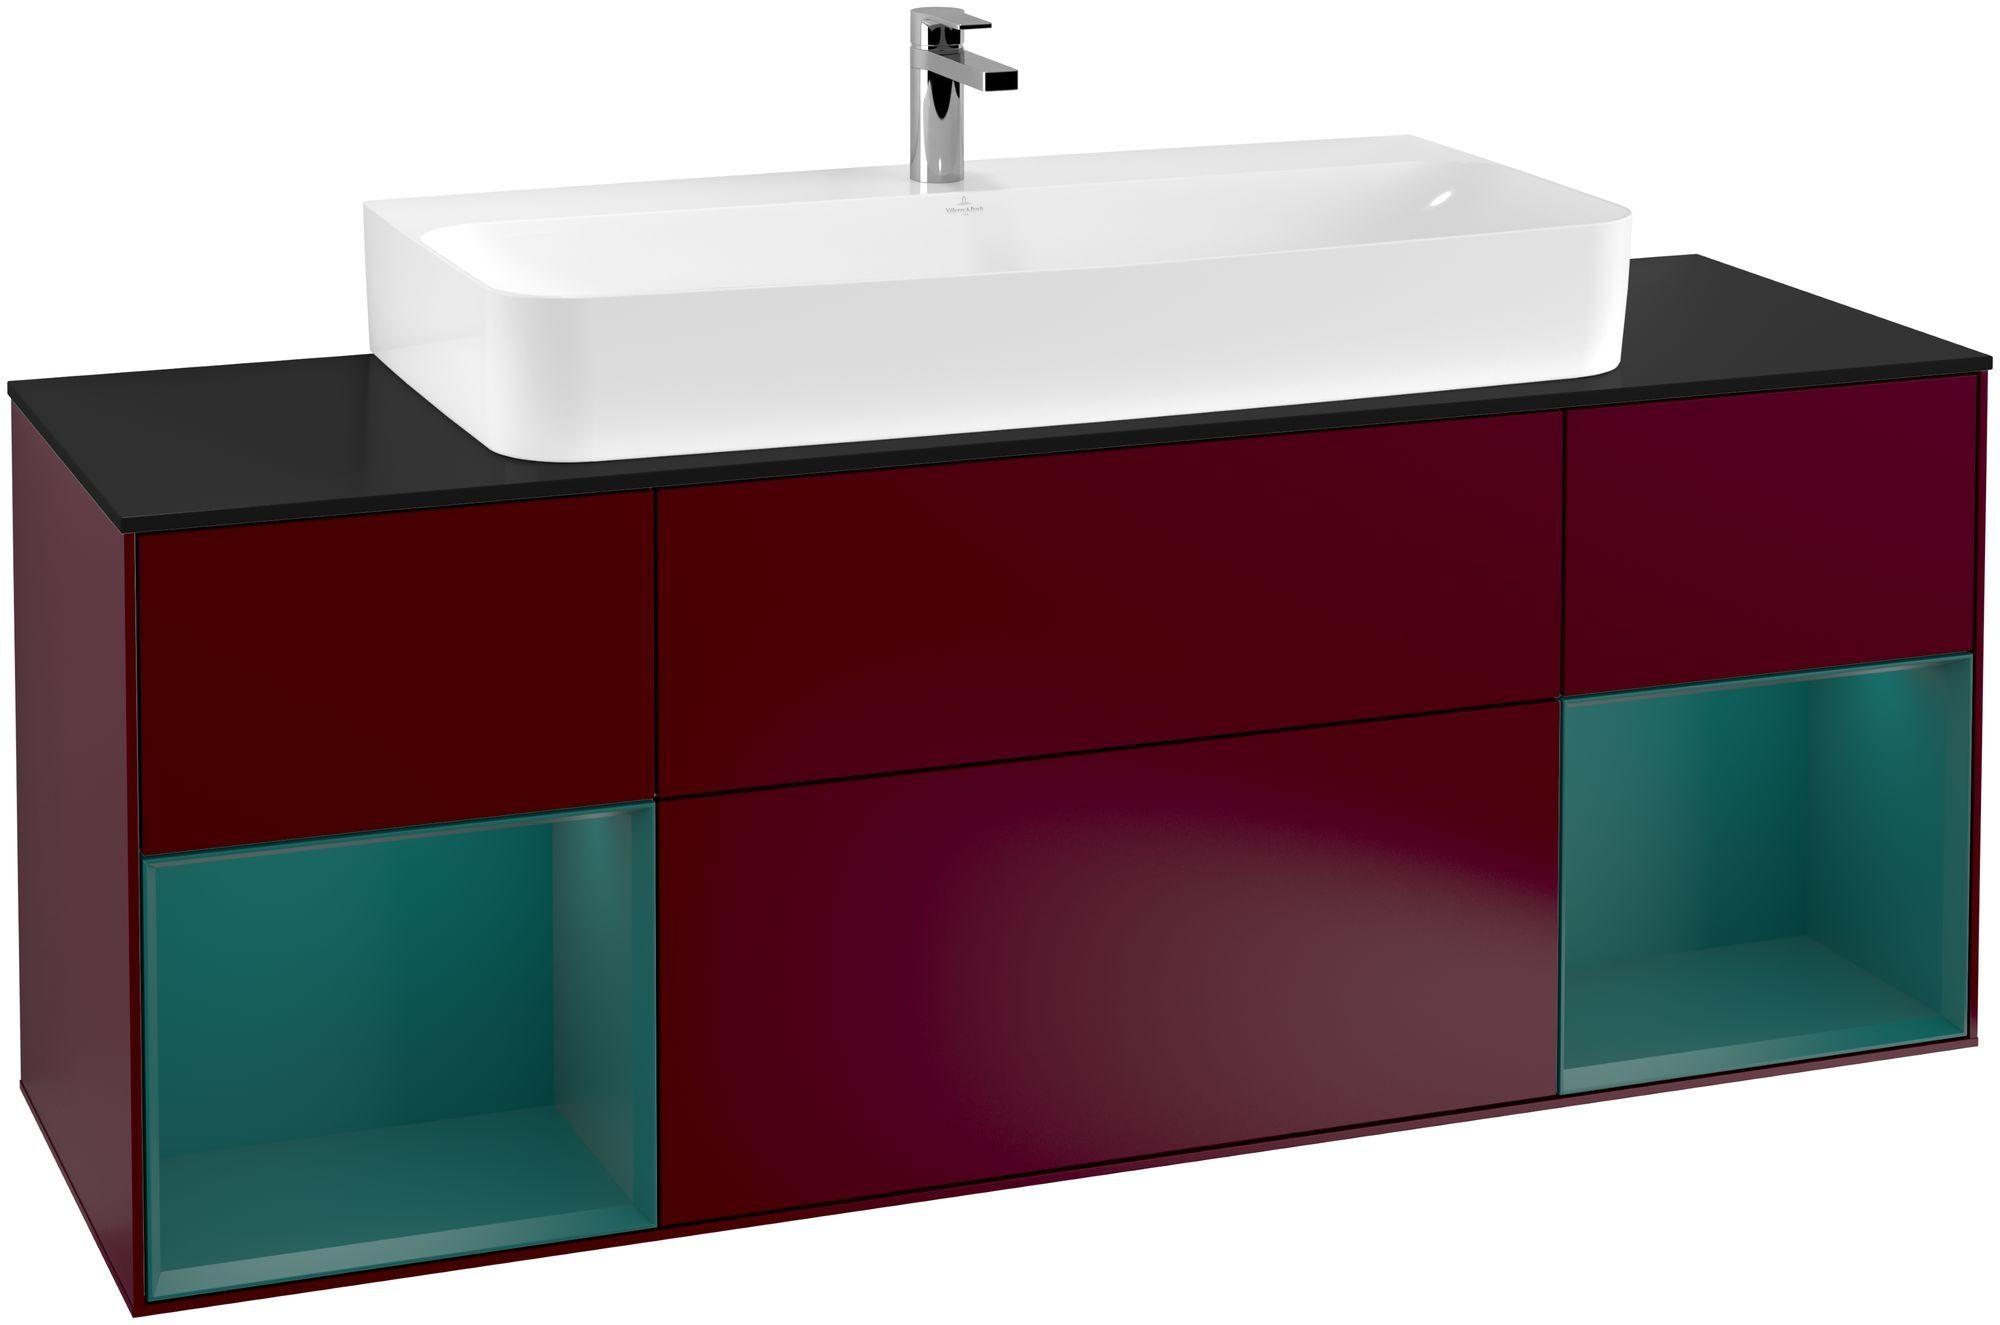 Villeroy & Boch Finion G21 Waschtischunterschrank mit Regalelement 4 Auszüge Waschtisch mittig LED-Beleuchtung B:160xH:60,3xT:50,1cm Front, Korpus: Peony, Regal: Cedar, Glasplatte: Black Matt G212GSHB